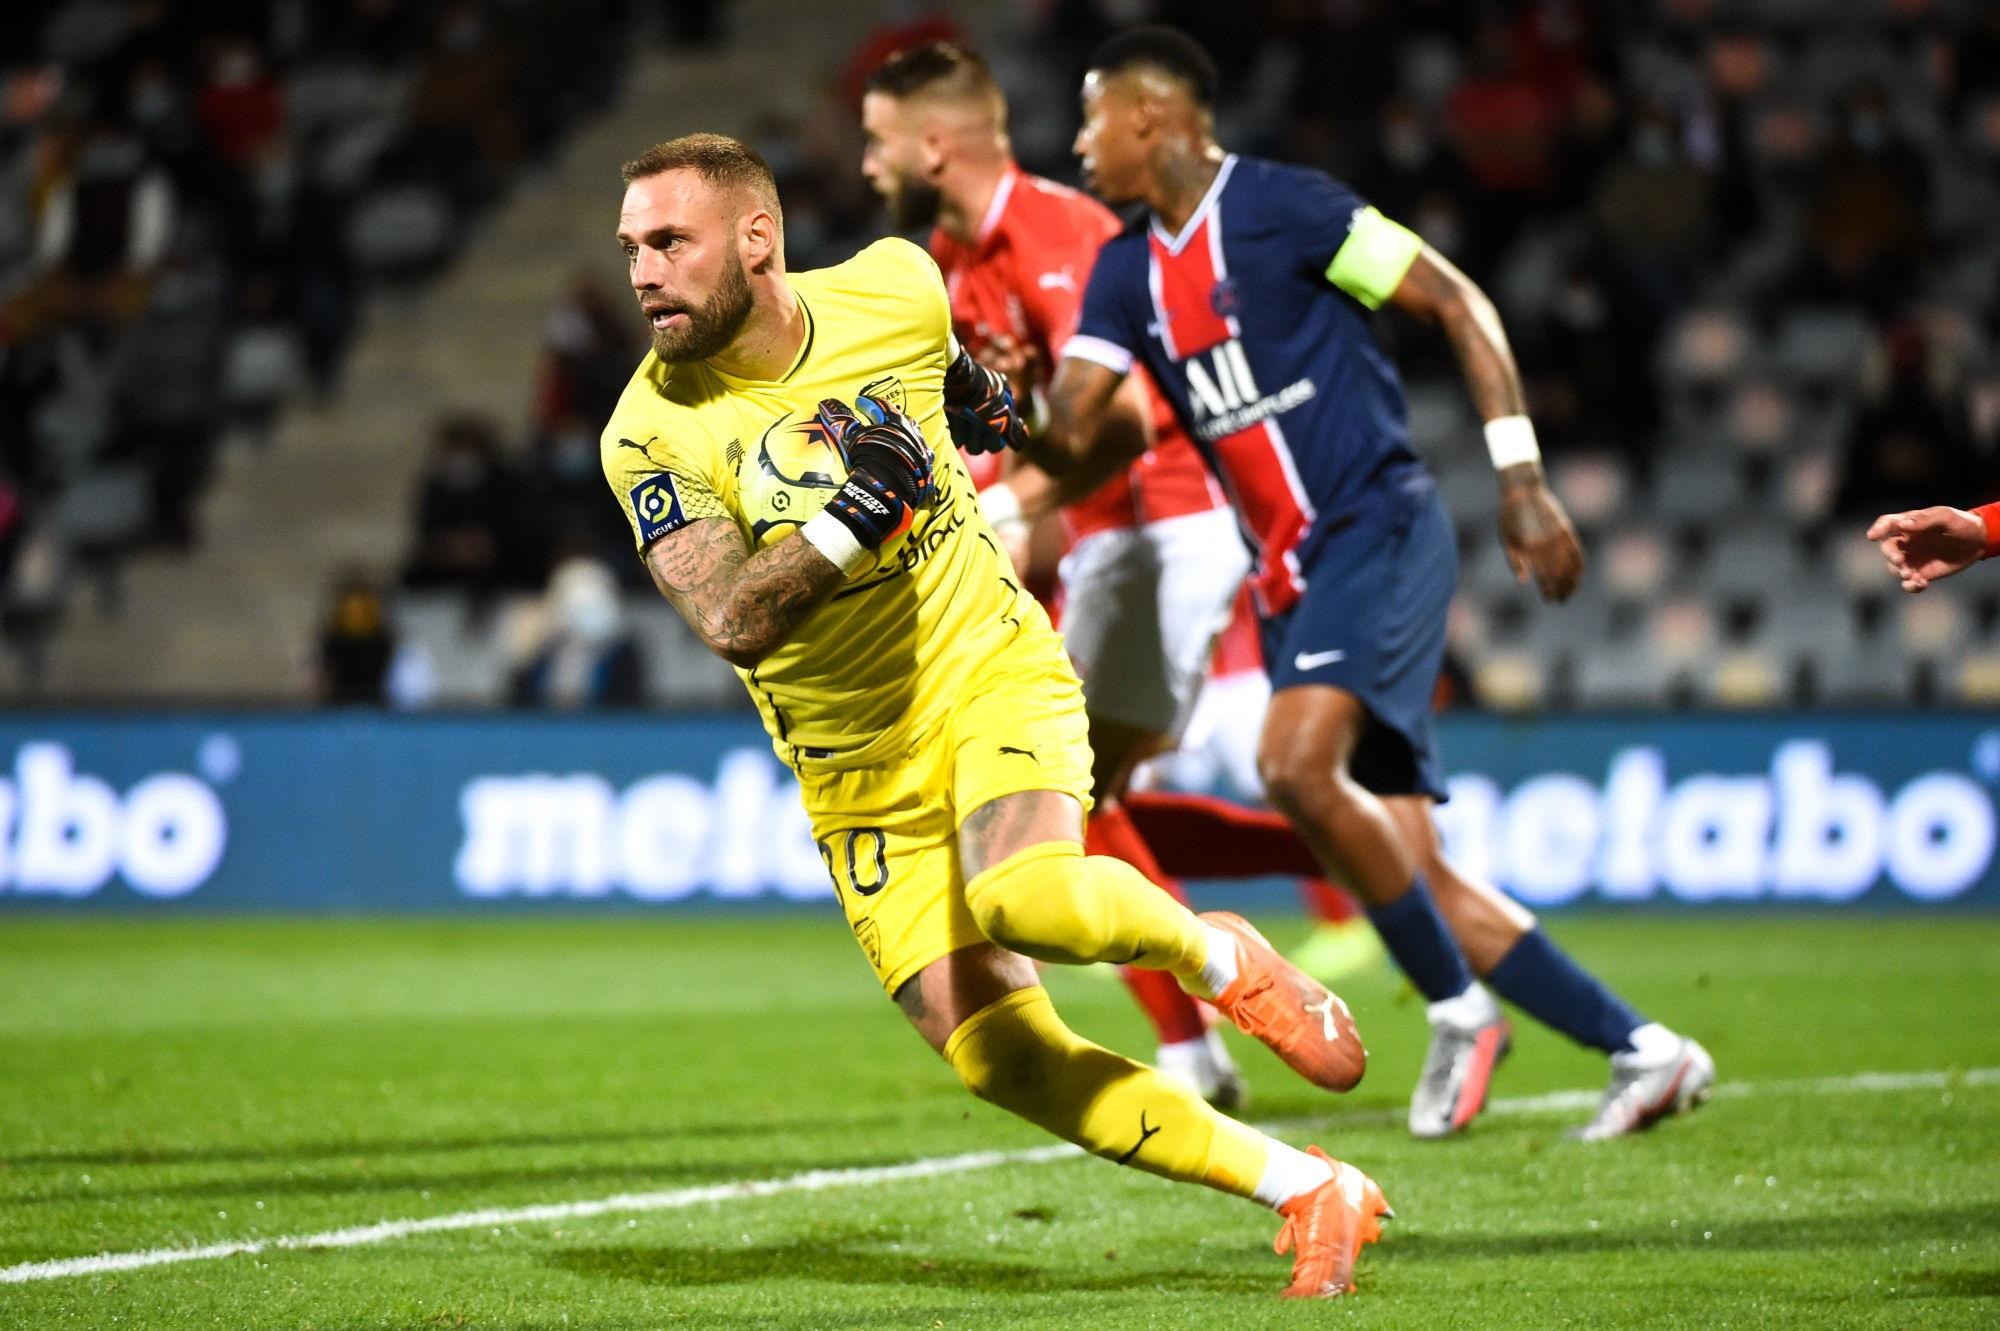 """Nîmes/PSG - Reynet fait l'éloge de Mbappé et regrette """"on se tire une balle dans le pied"""""""